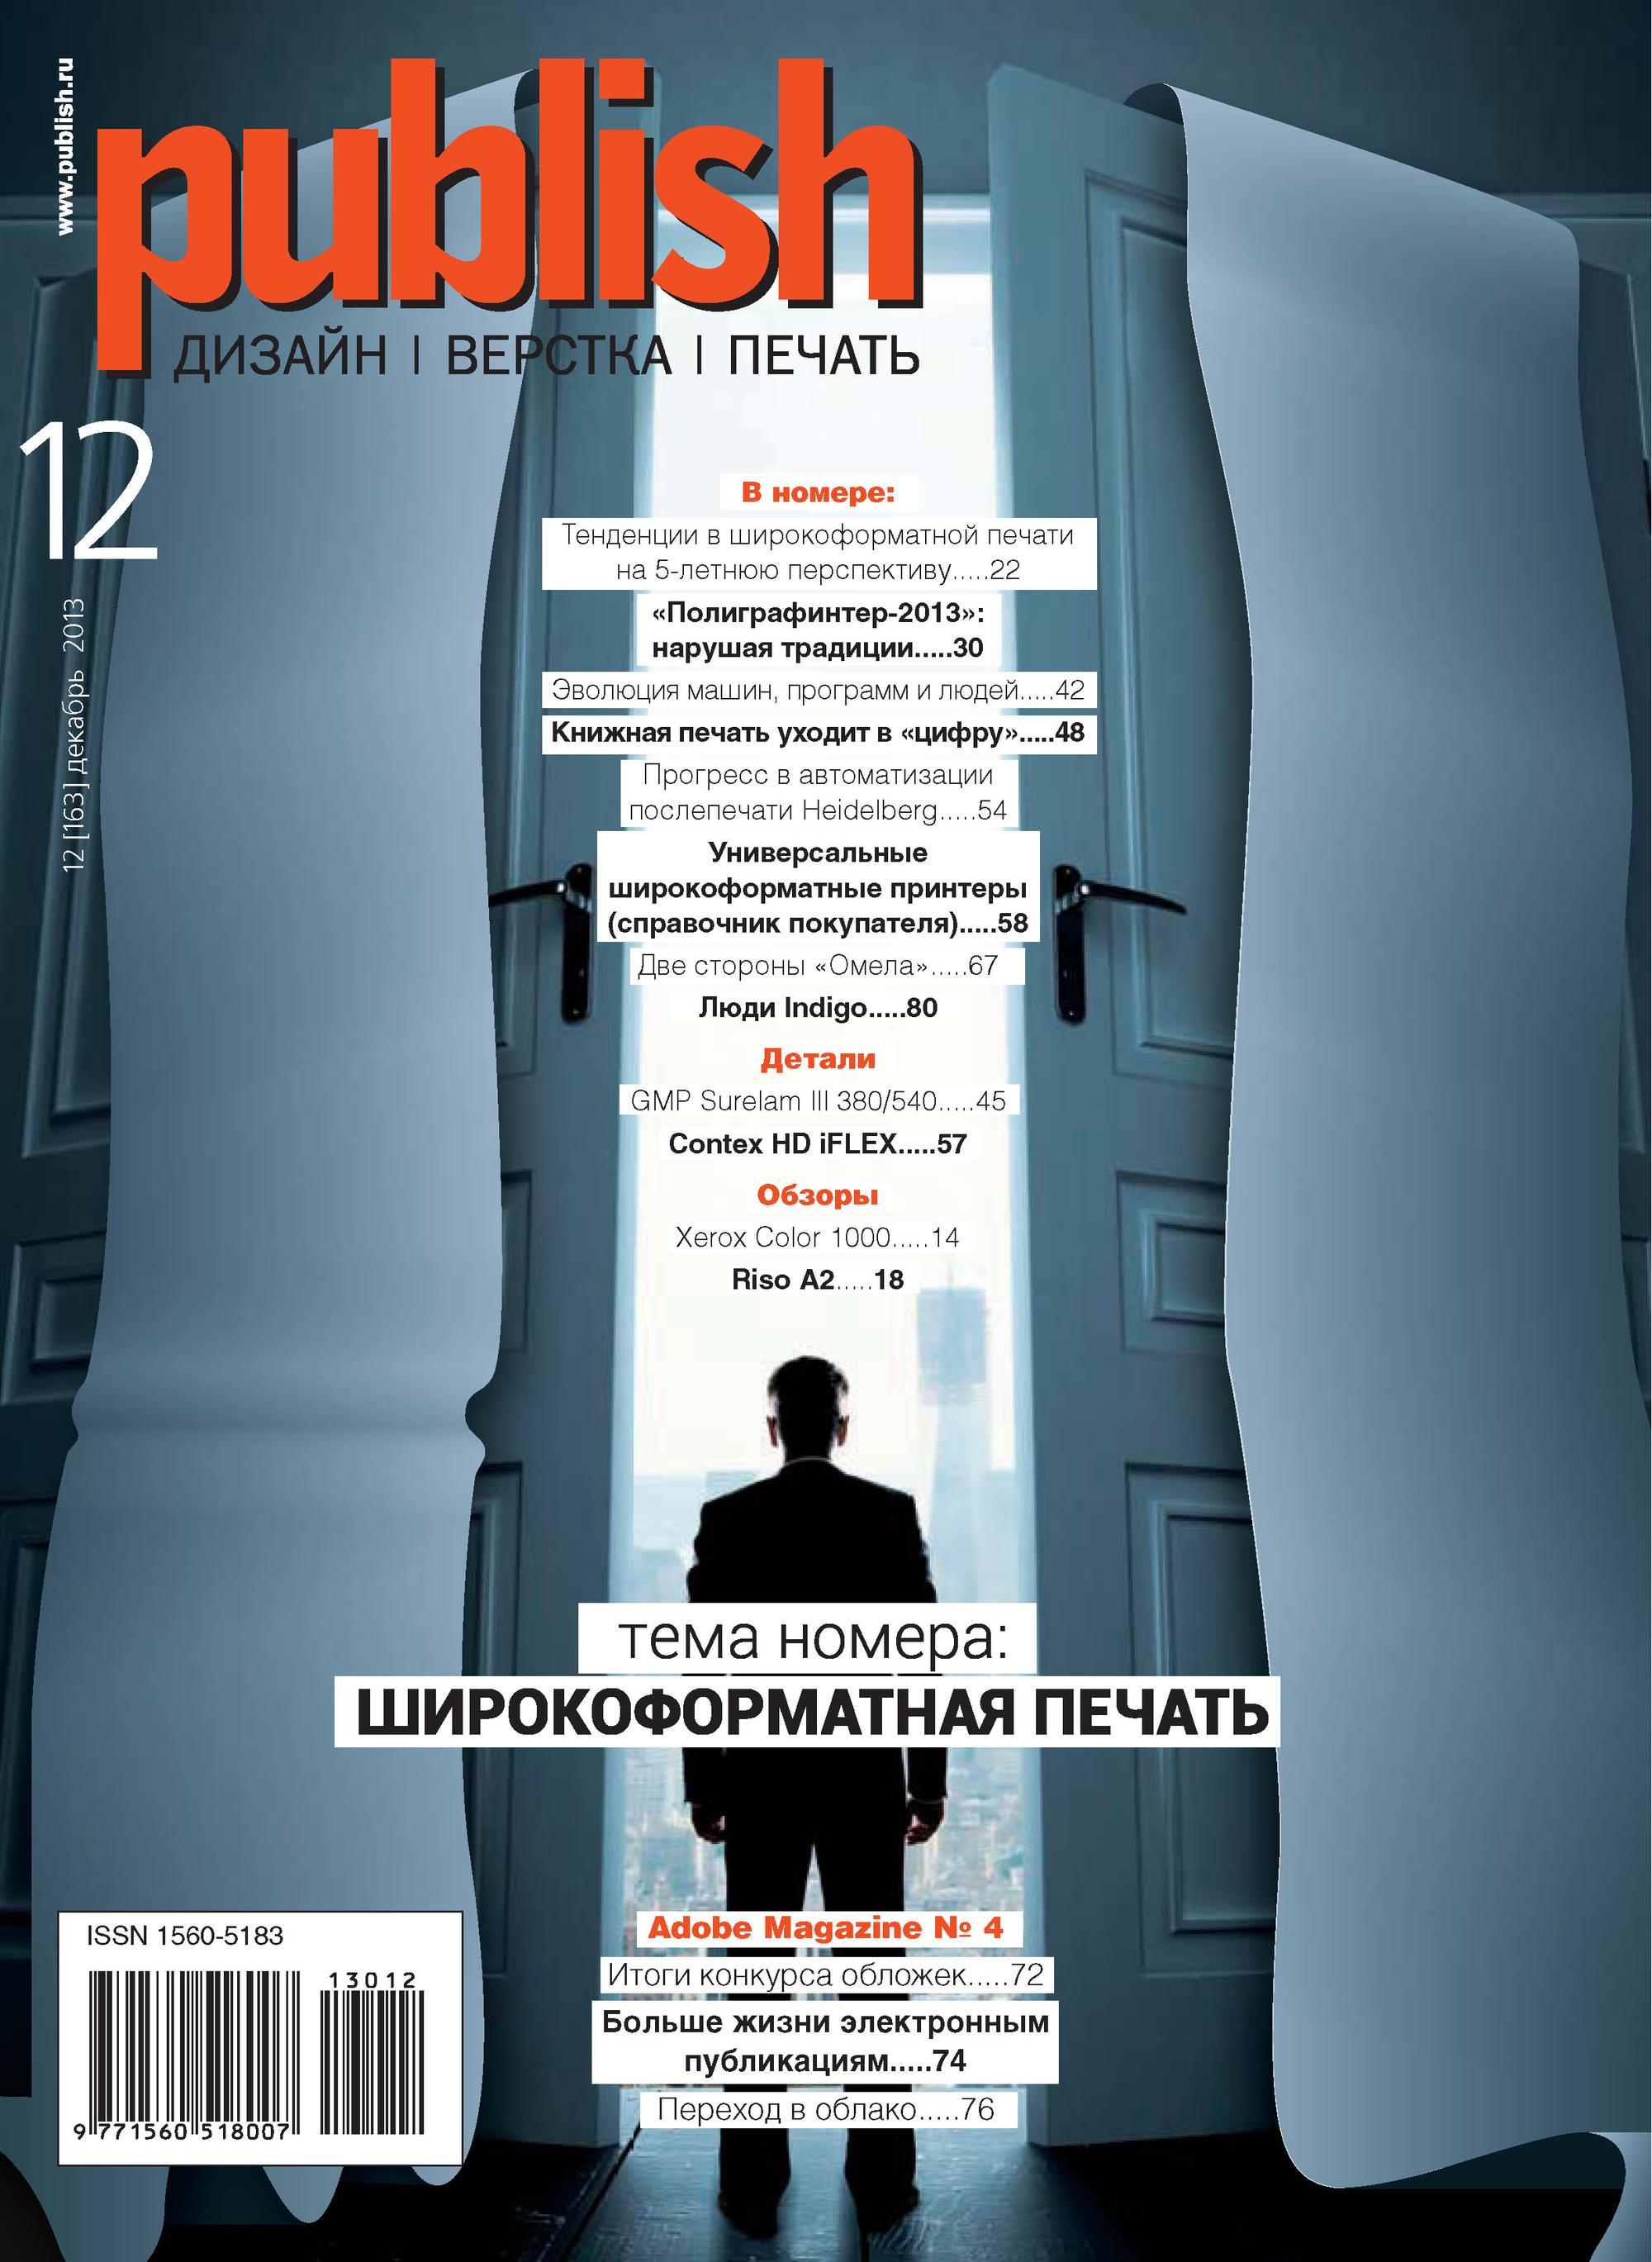 Открытые системы Журнал Publish №12/2013 surelam iii 540